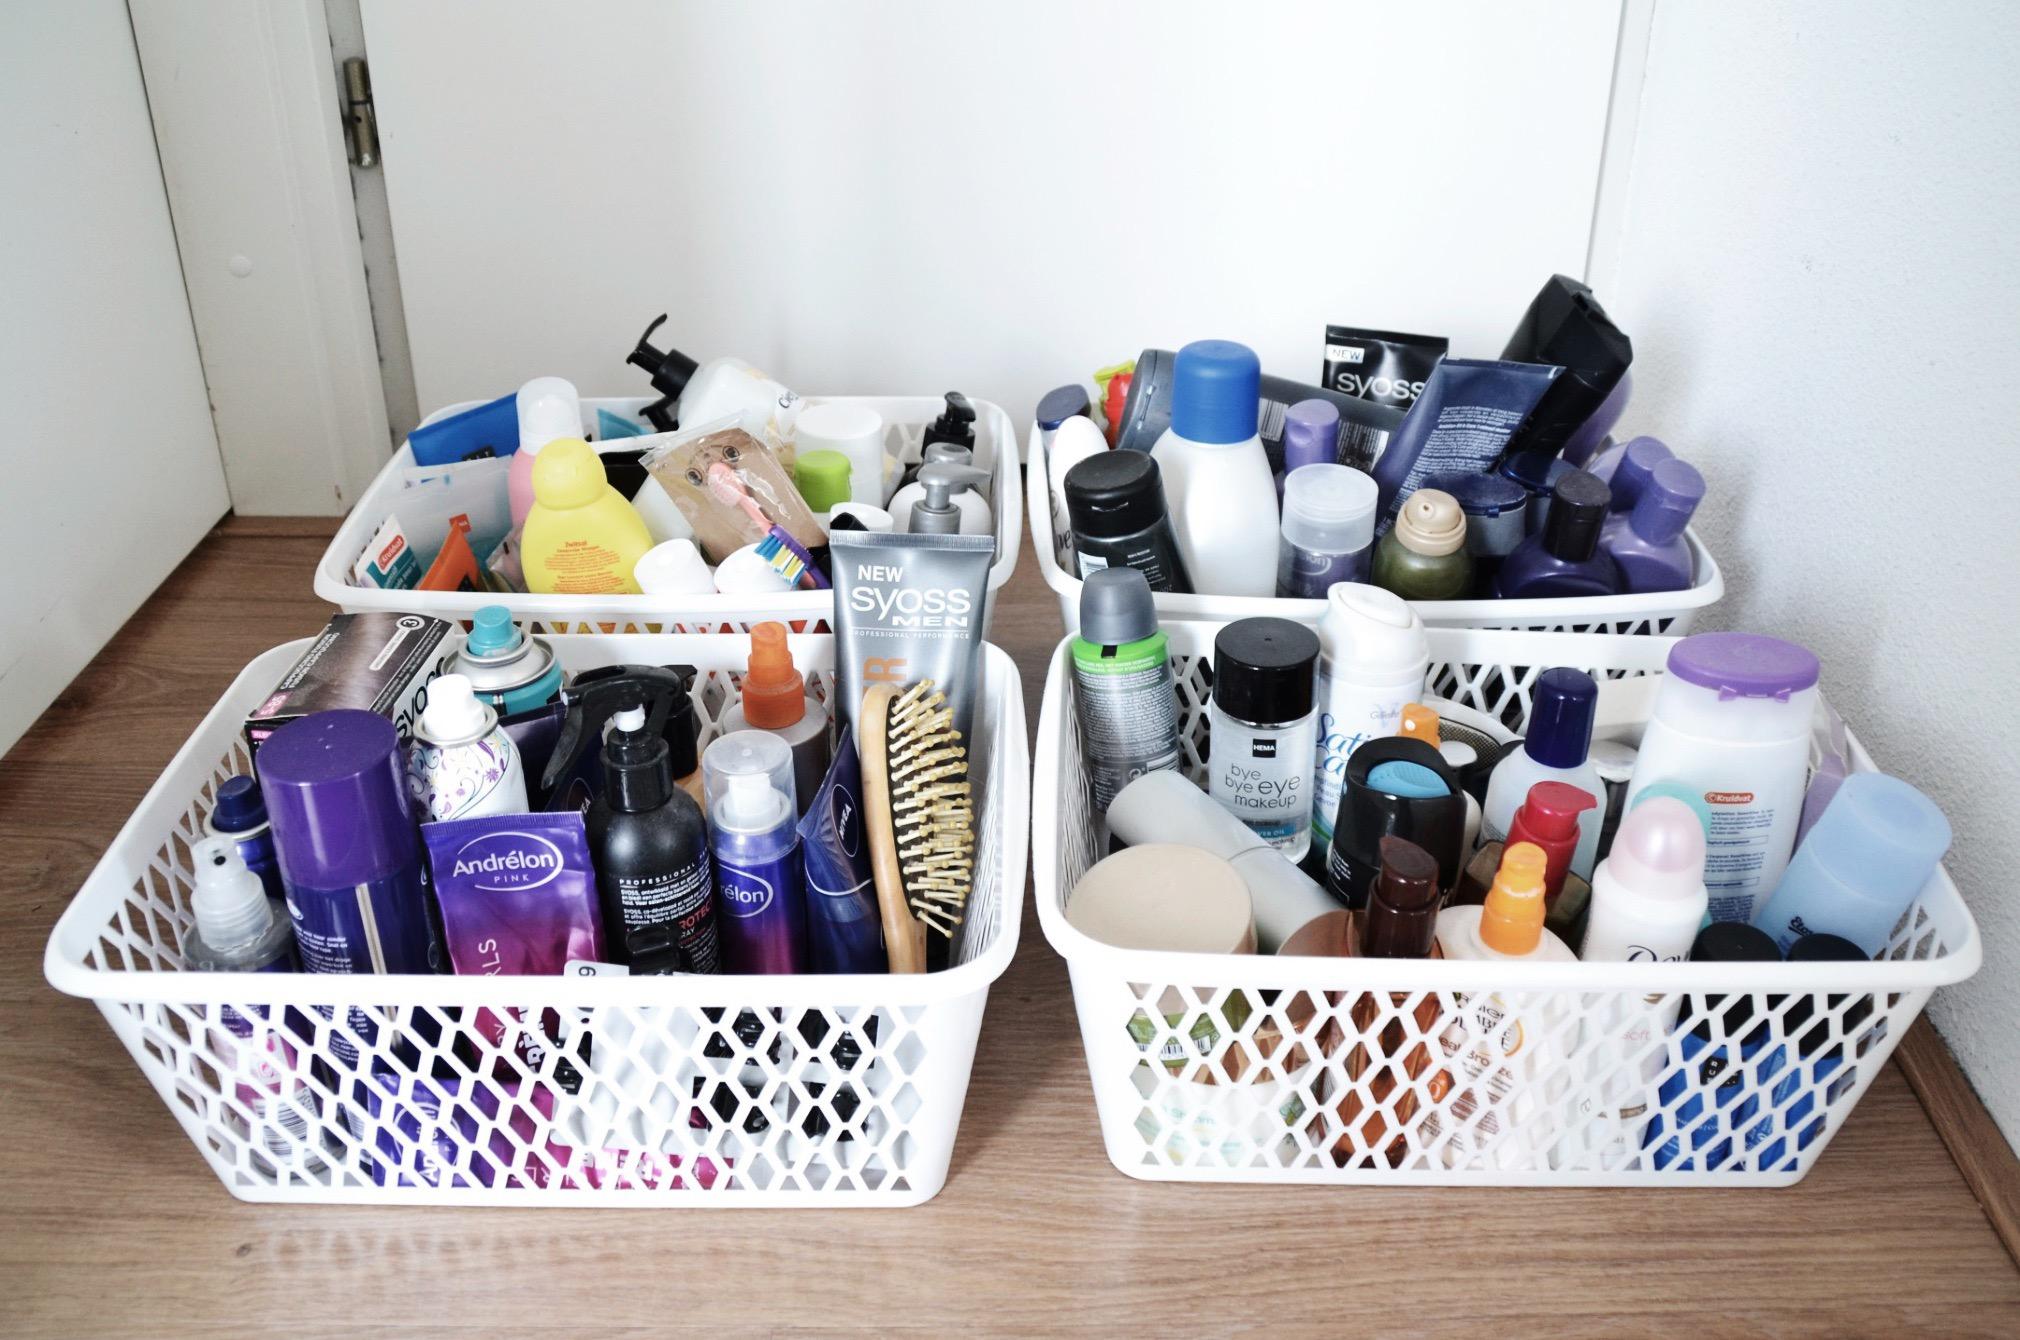 gesorteerde badkamer